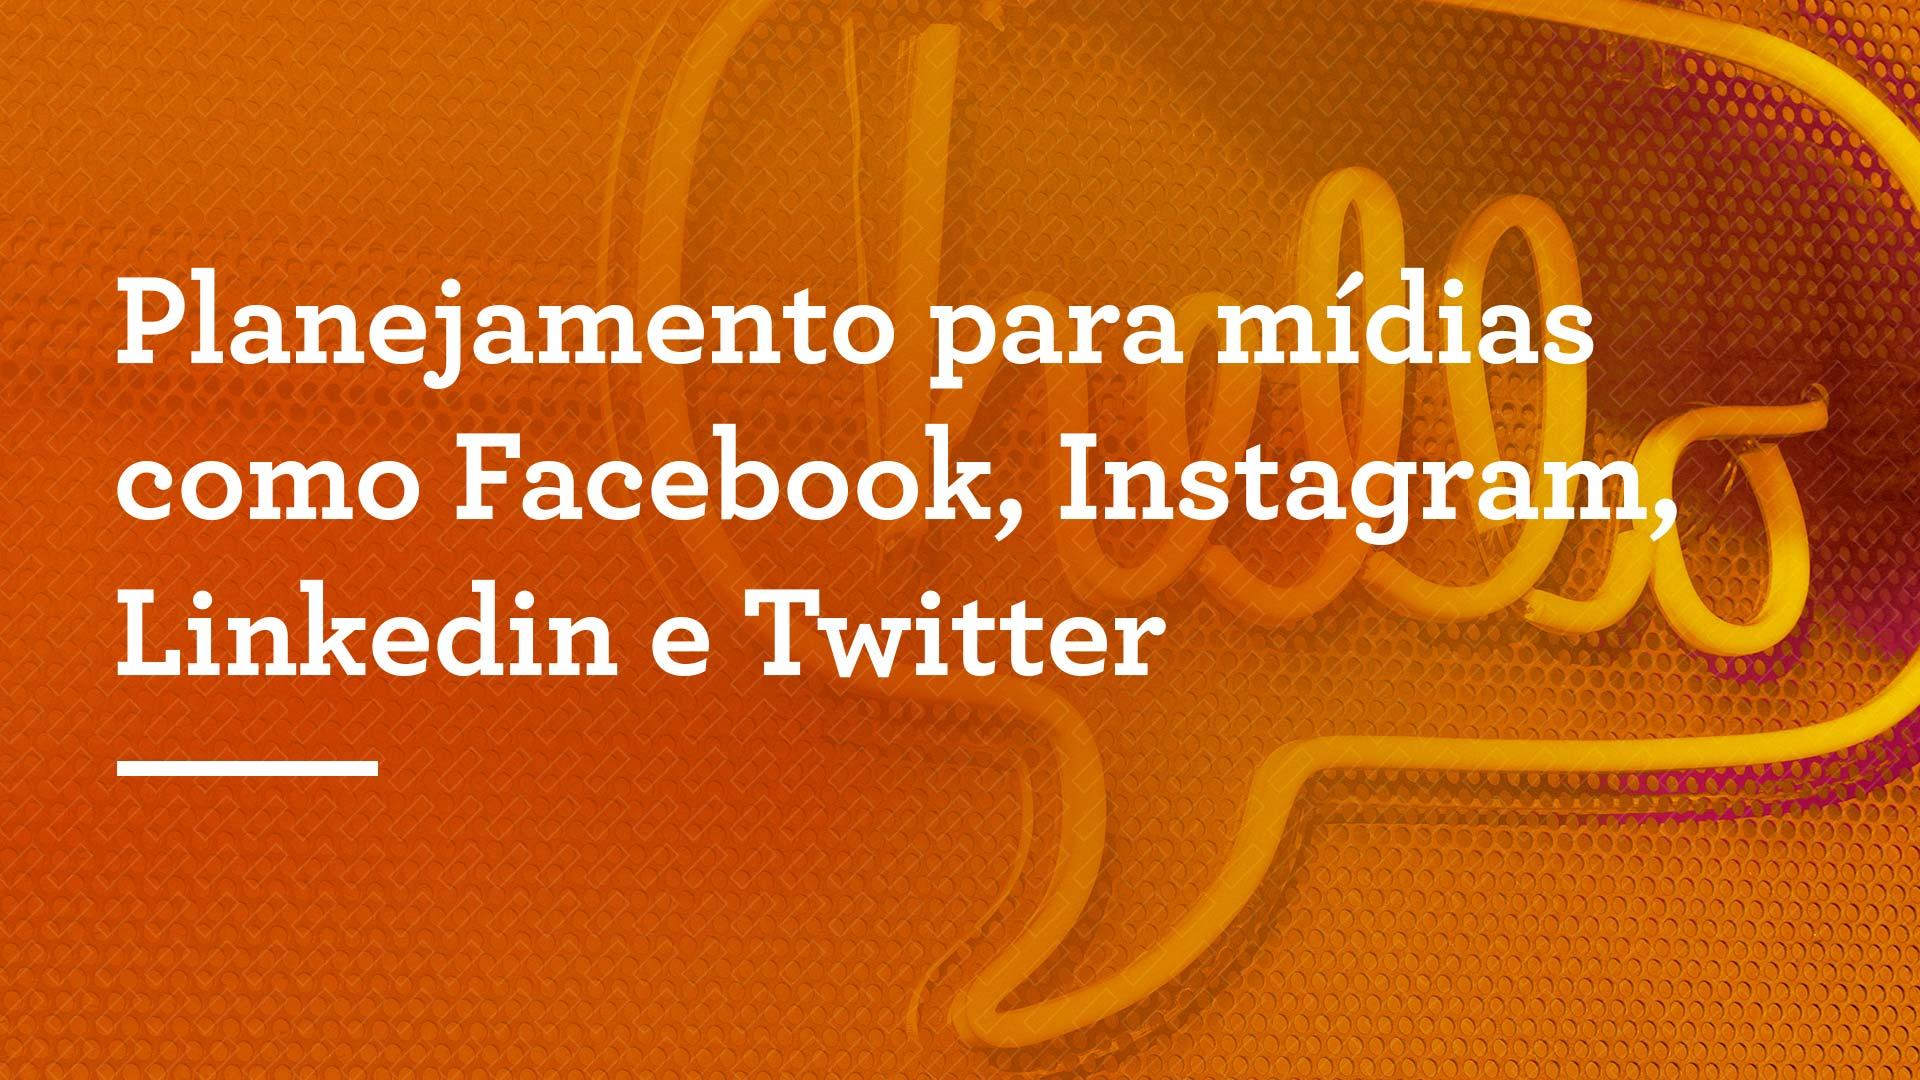 Planejamento para mídias como Facebook, Instagram, Linkedin e Twitter